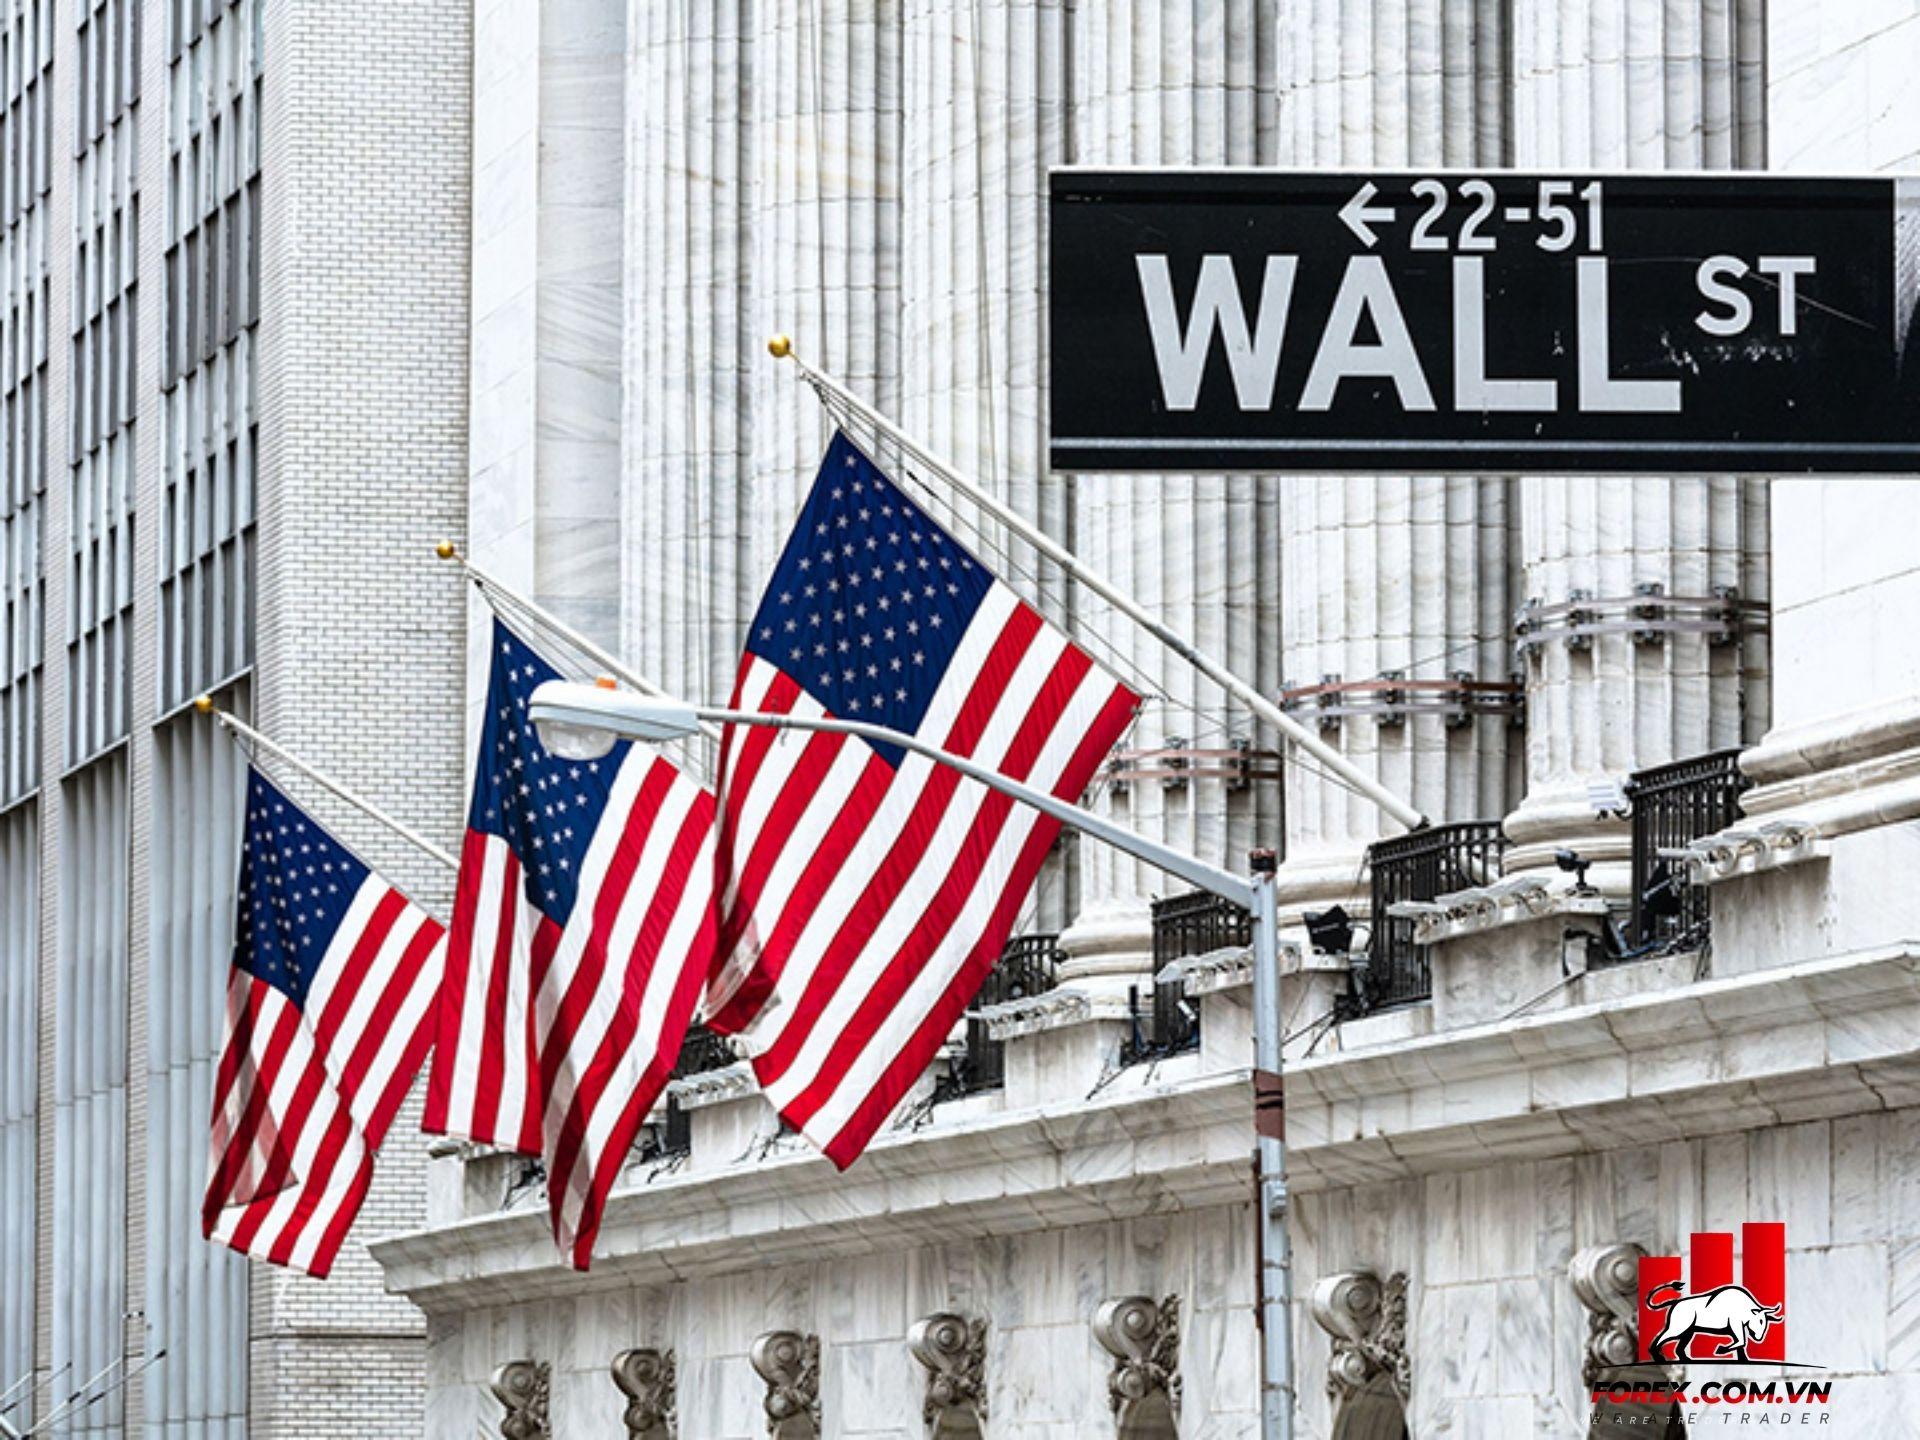 lệnh hành pháp cấm Mỹ đầu tư vào các công ty Trung Quốc đã nhận được sự đón nhận tích cực trên Phố Wall